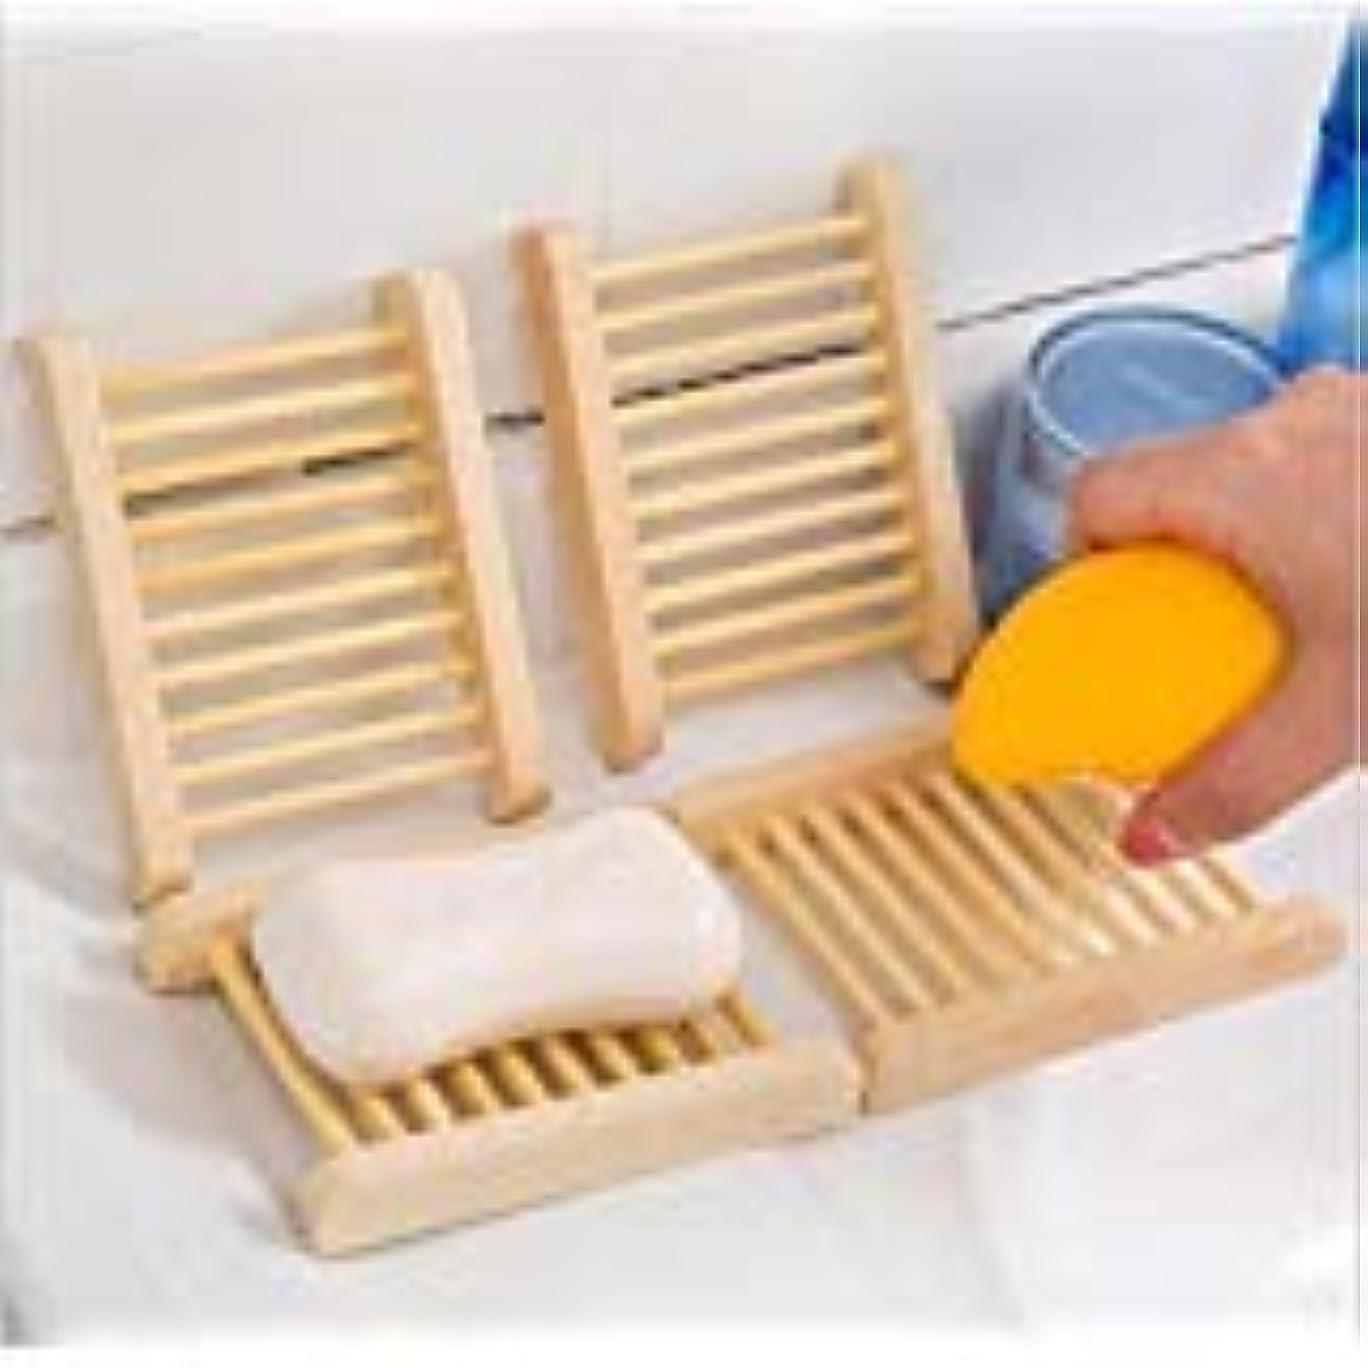 広いイノセンス統合KINGZUO ソープトレー せっけんトレー 石鹸置き石鹸置き 石鹸ボックス ソープディッシュ 水切り お風呂 バス用品 木製 4個入り